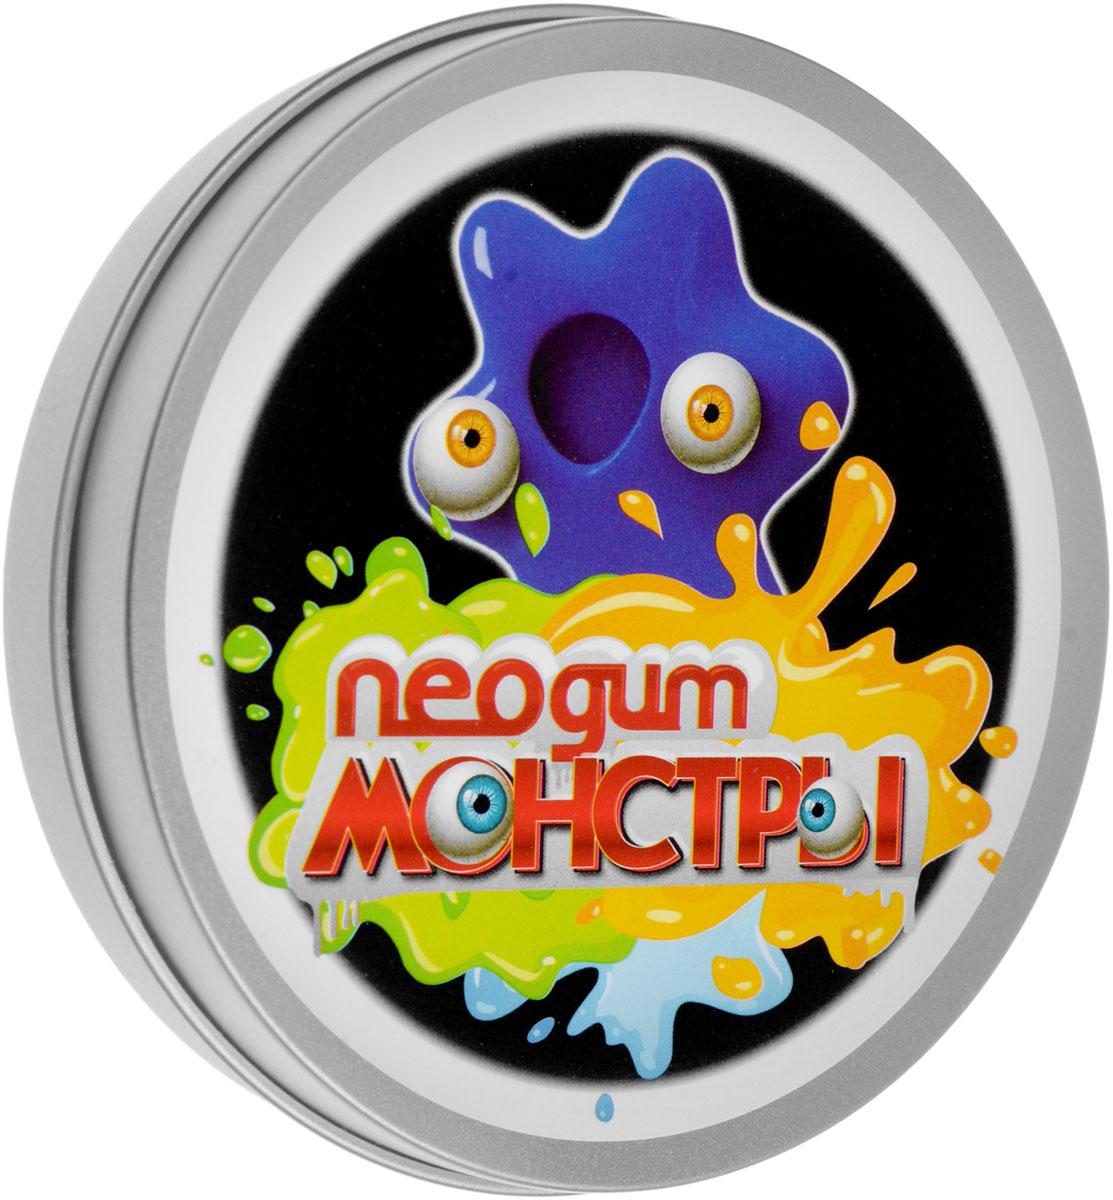 Neogum Жвачка для рук Монстры цвет синийNM0001Жвачка для рук Neogum Монстры, способная принимать любую форму. Не пачкает руки, с легкостью отлипает от кожи и других поверхностей. Изделие внешне напоминает большую жевательную резинку или пластилин. Игрушка отличается невероятной пластичностью, может отпрыгивать от пола и растекаться по ровной поверхности. В комплект входят пластиковые глазки, которые превратят продукт вашей фантазии в милого и совсем нестрашного монстрика синего цвета! Игра с жвачкой для рук помогает снять раздражение и агрессию, развить мелкую моторику и творческое мышление, а также укрепить мышцы кистей. Кроме того, она может стать незаменимым спутником в утомительных переездах и перелетах, эффективно избавляя от чрезмерного беспокойства и нервозности. Жвачка для рук - приятный и полезный подарок для детей и взрослых! Не подвергайте воздействию воды и моющих средств.